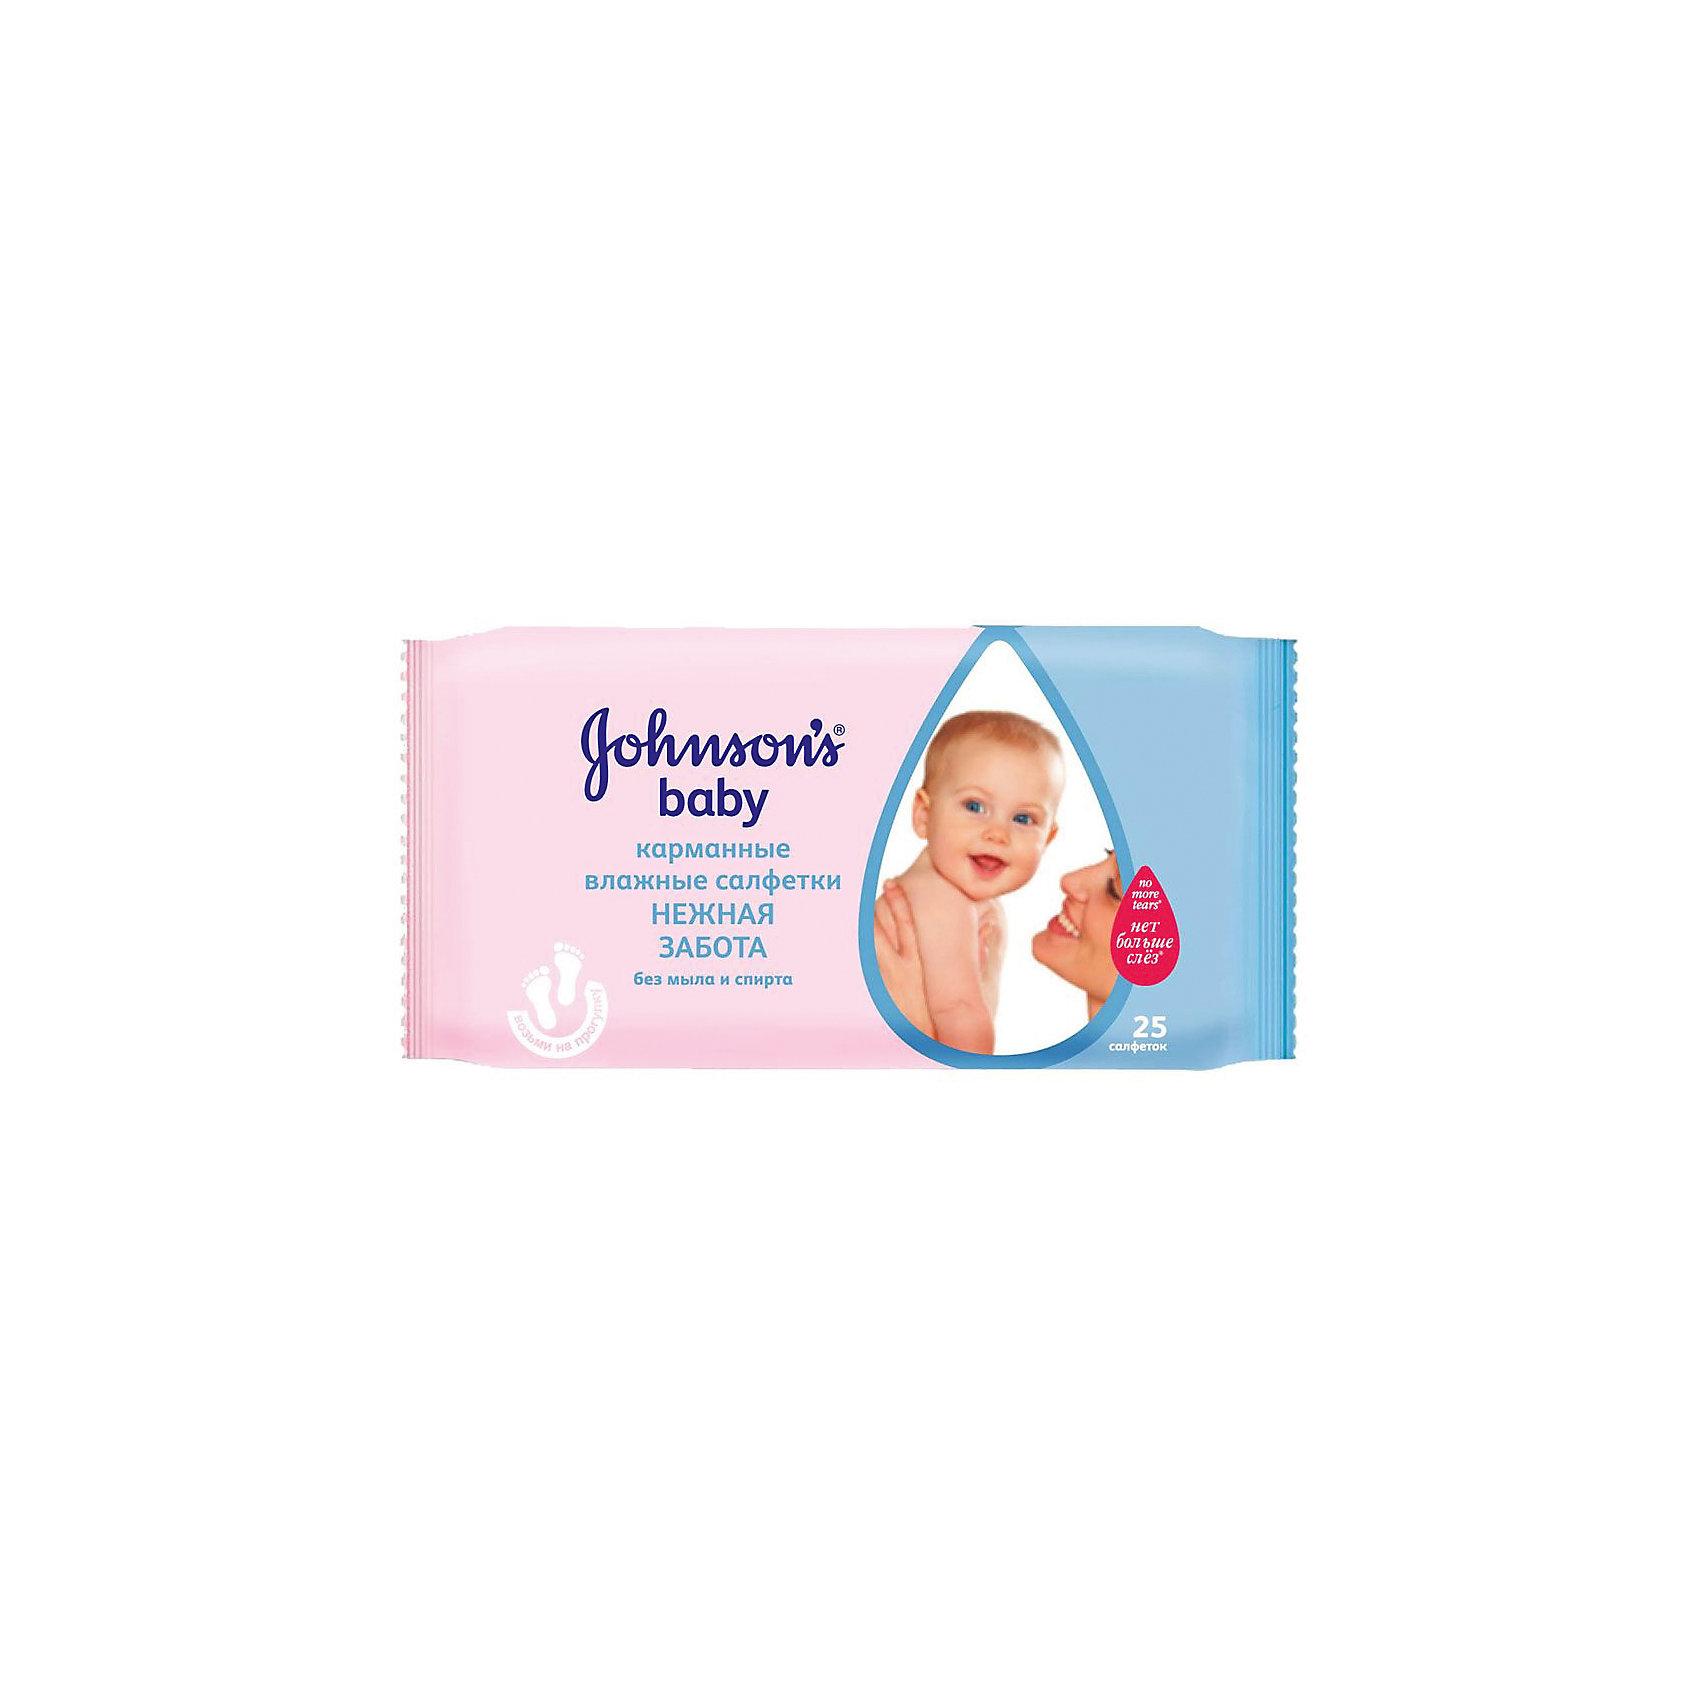 Влажные салфетки Нежная забота 25 шт., Johnsons baby